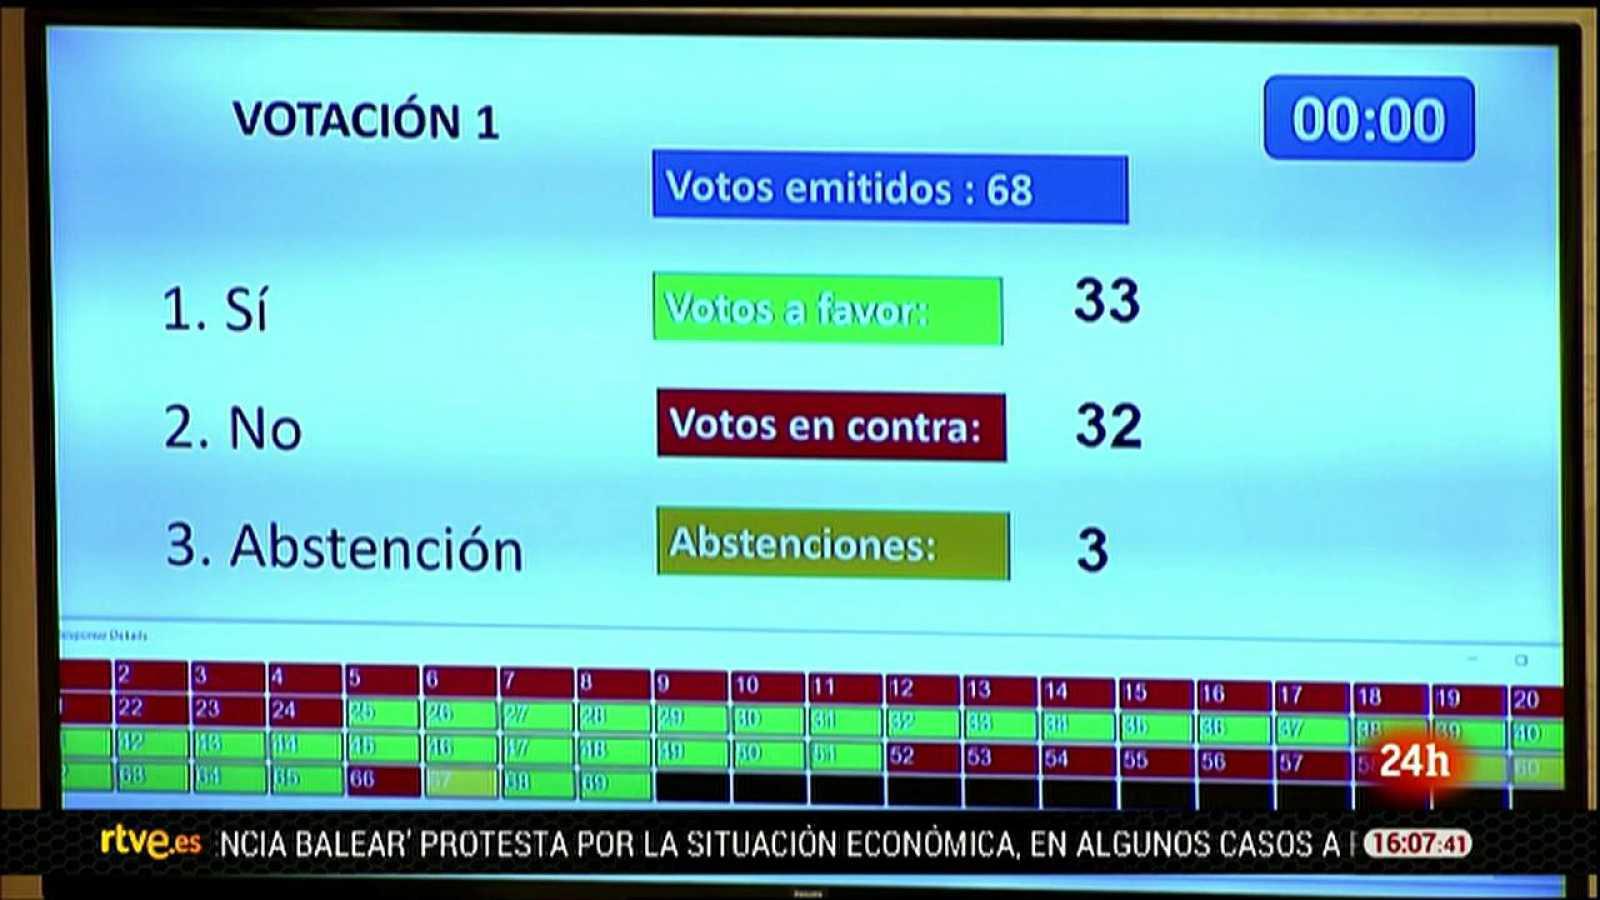 Parlamento - Conoce el Parlamento - Nuevo voto telemático - 30/01/2021